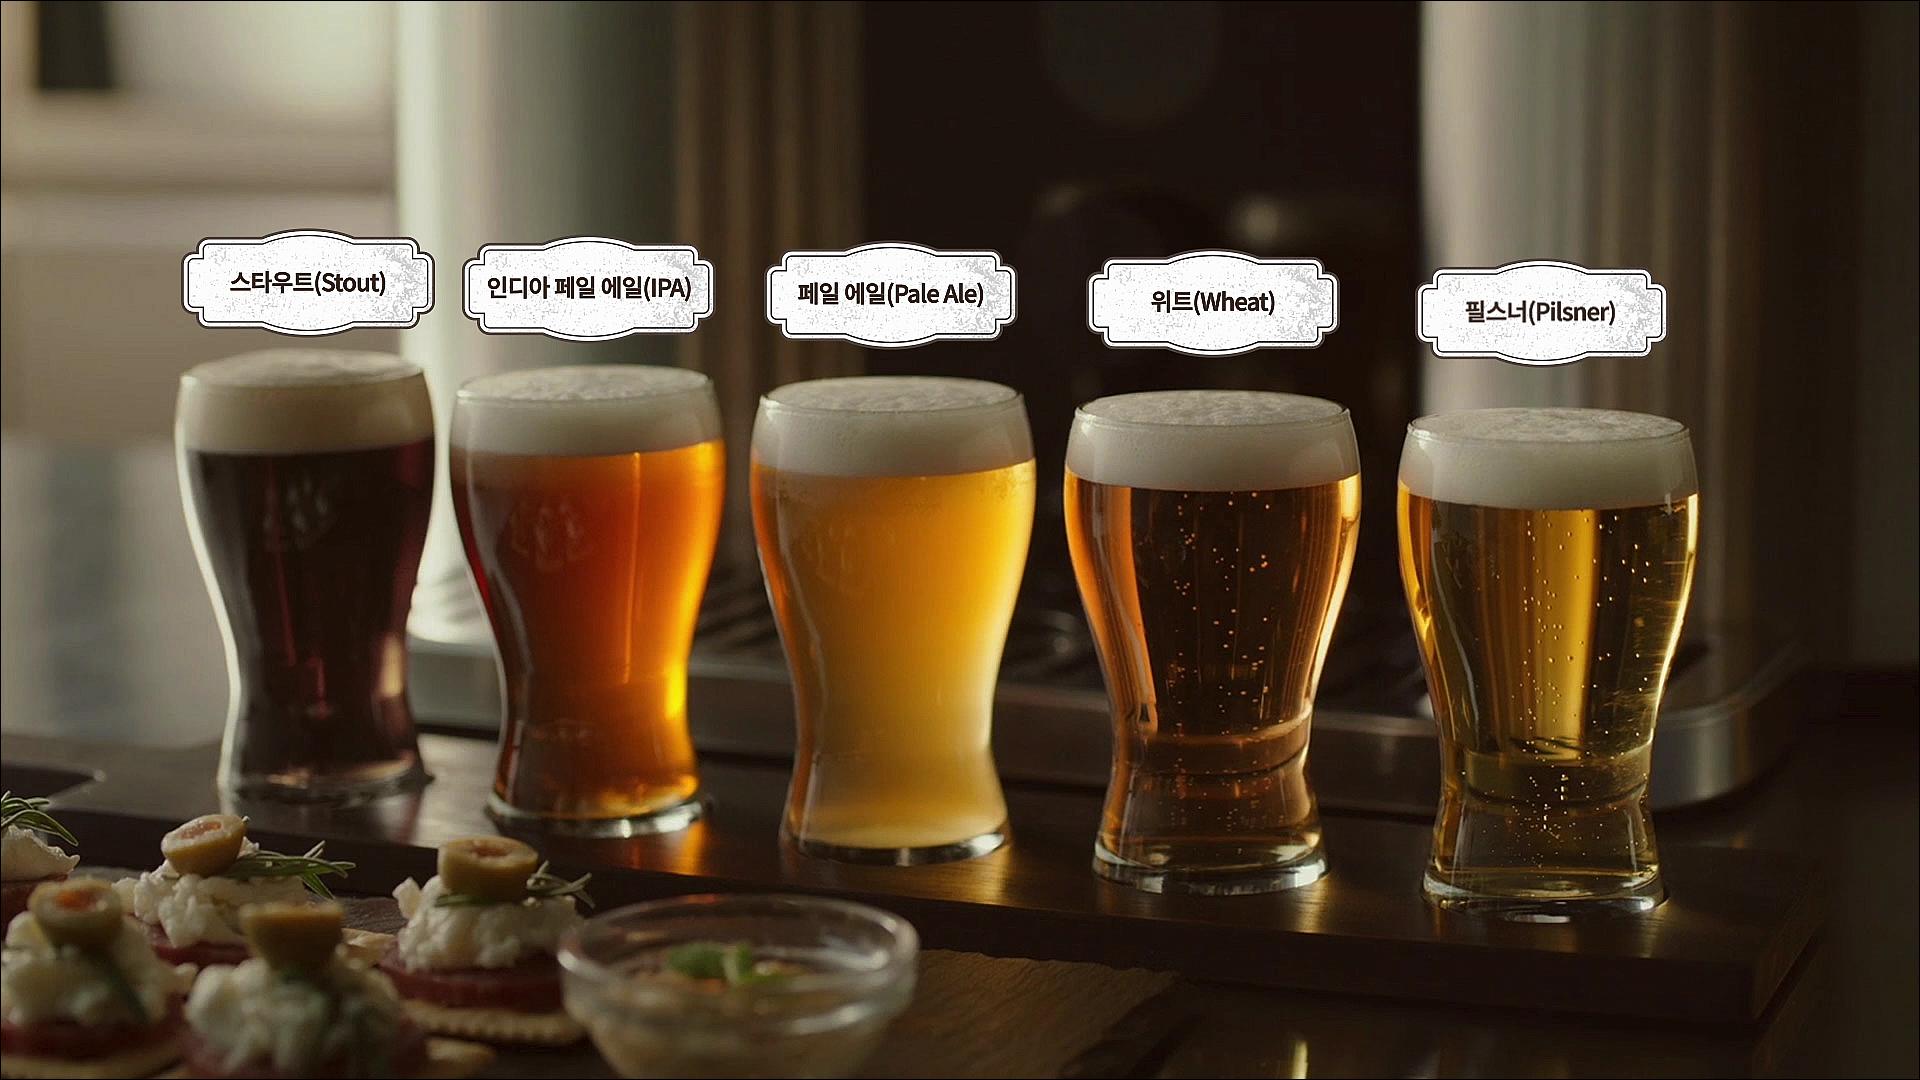 LG 홈브루가 만들 수 있는 5가지 맥주